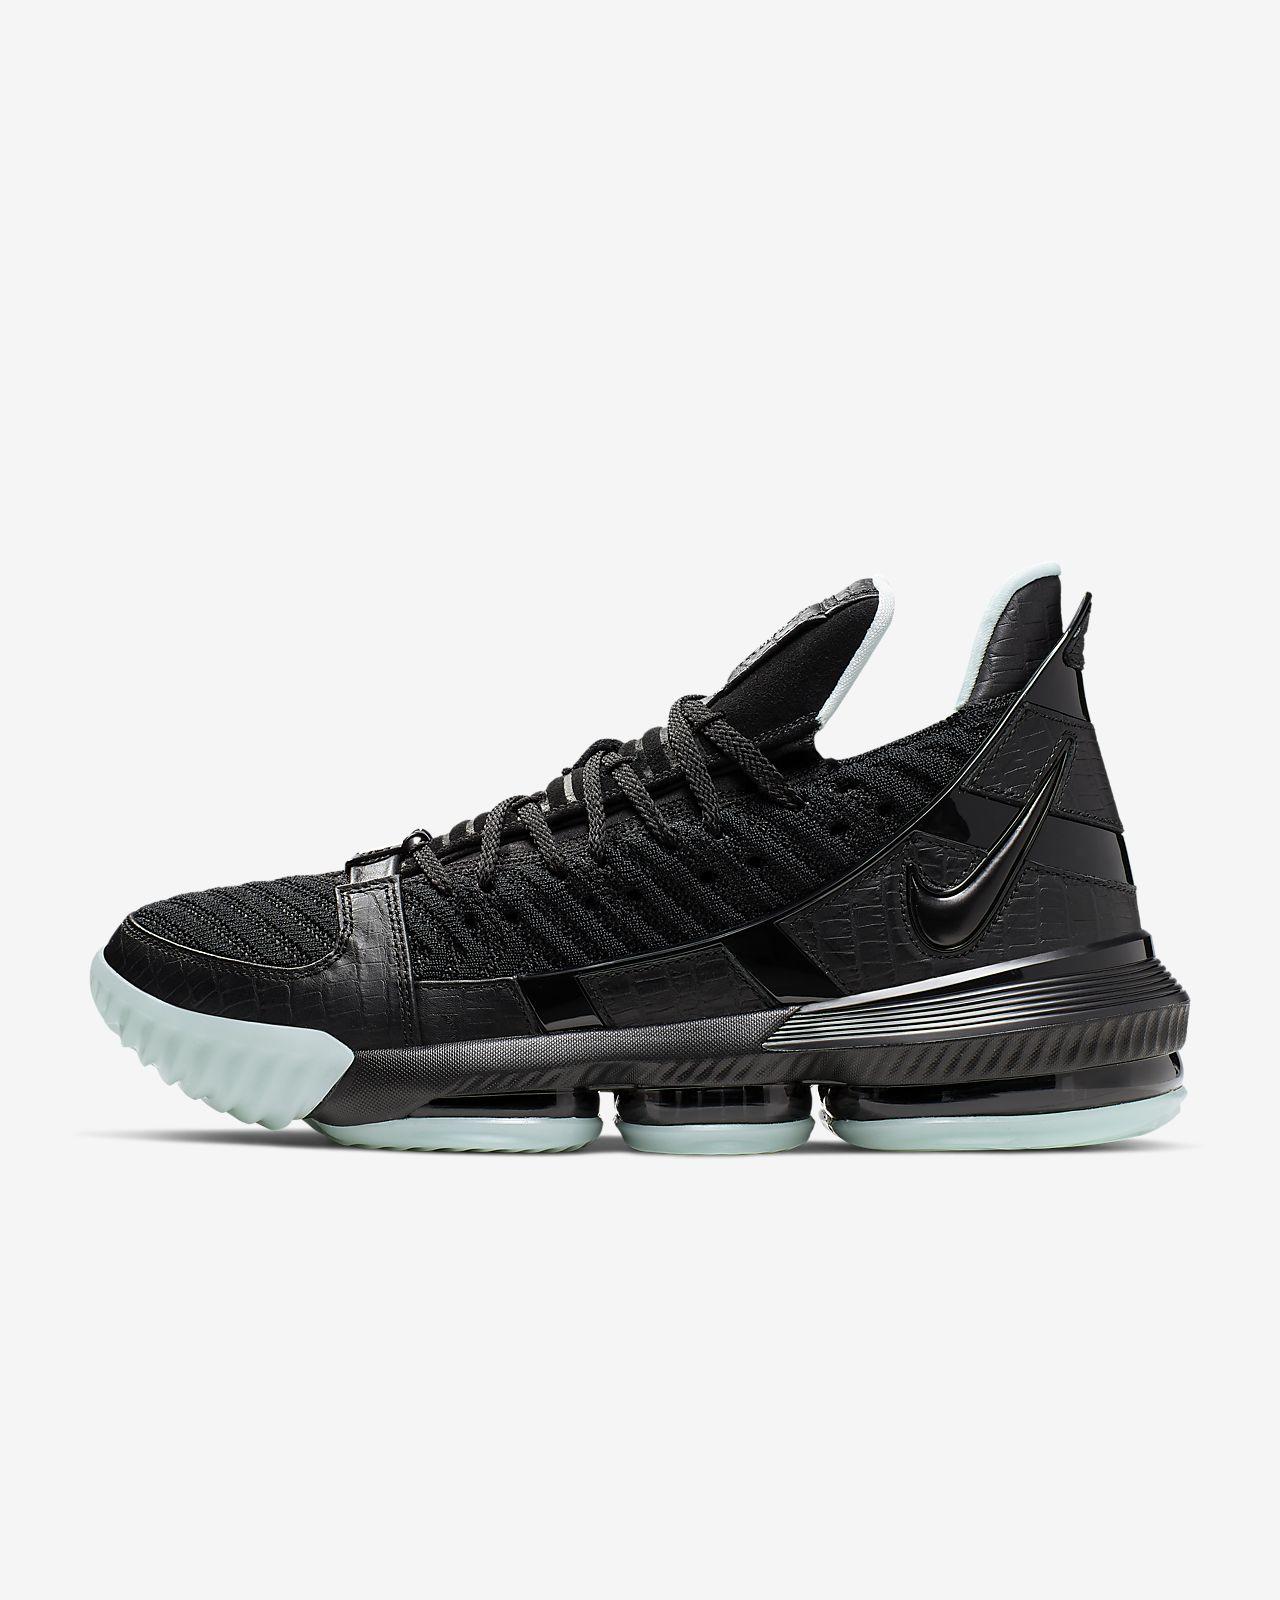 LeBron 16 Glow Basketball Shoe